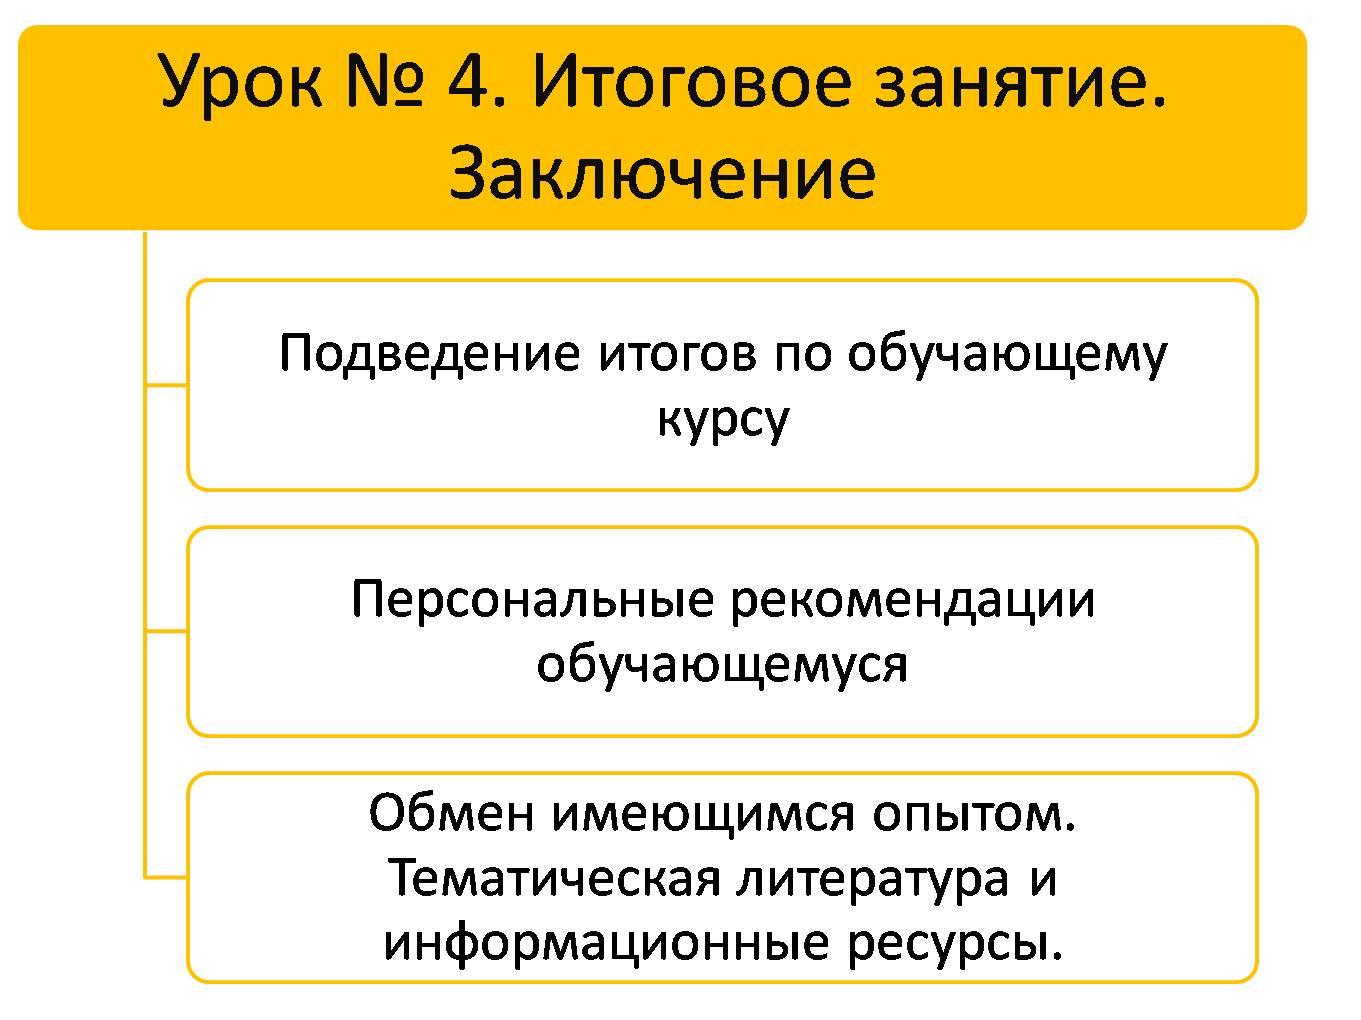 psyhografiya-s-4